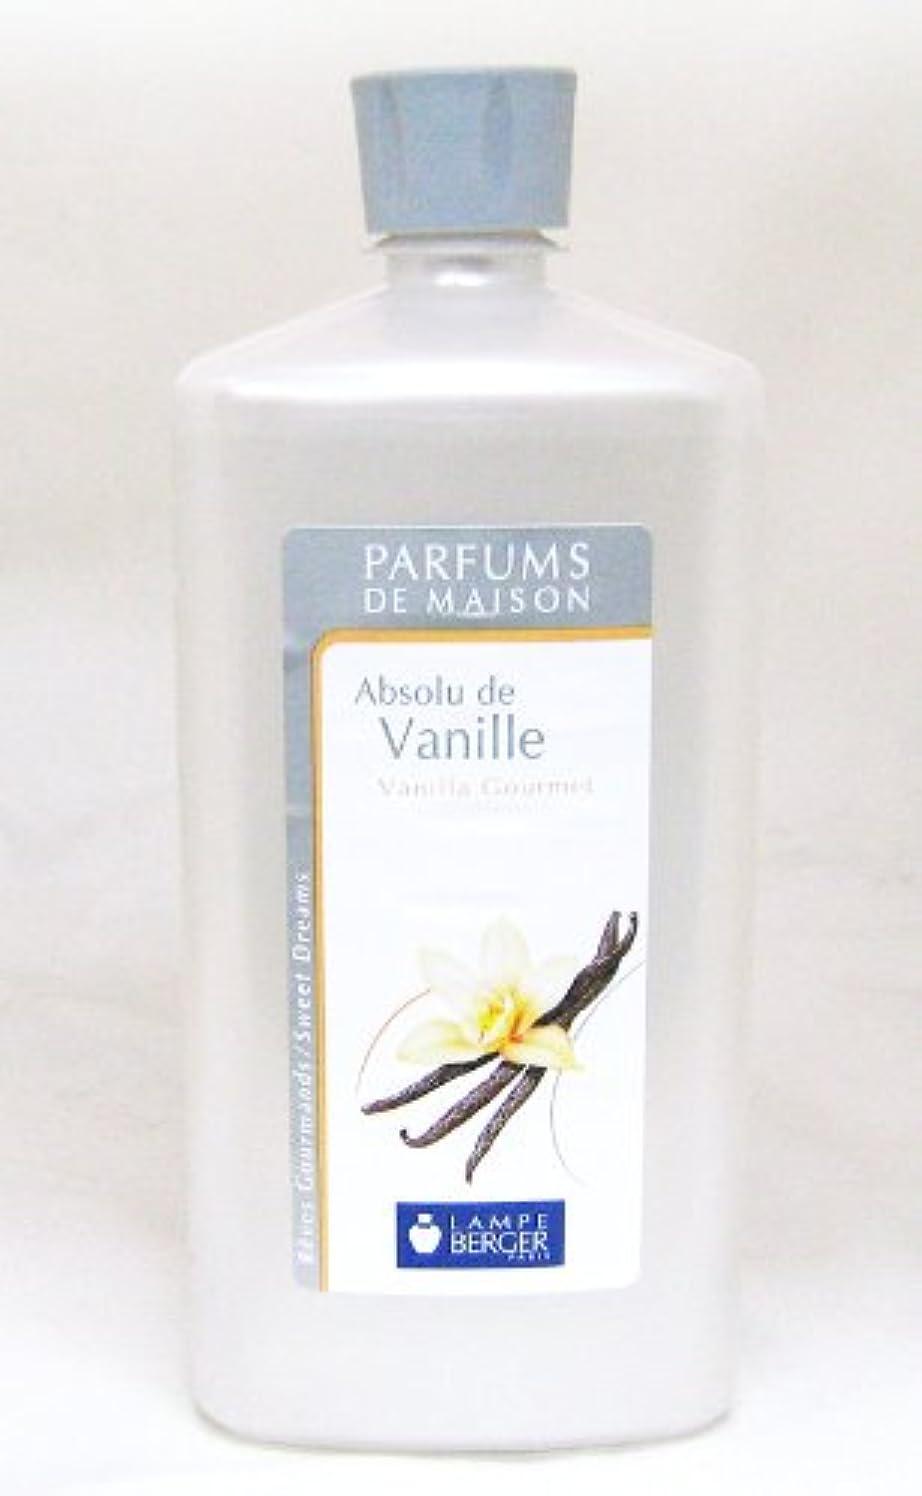 頬骨キモい極小ランプベルジェ フランス版 1000ml アロマオイル バニラ Absolu de Vanille